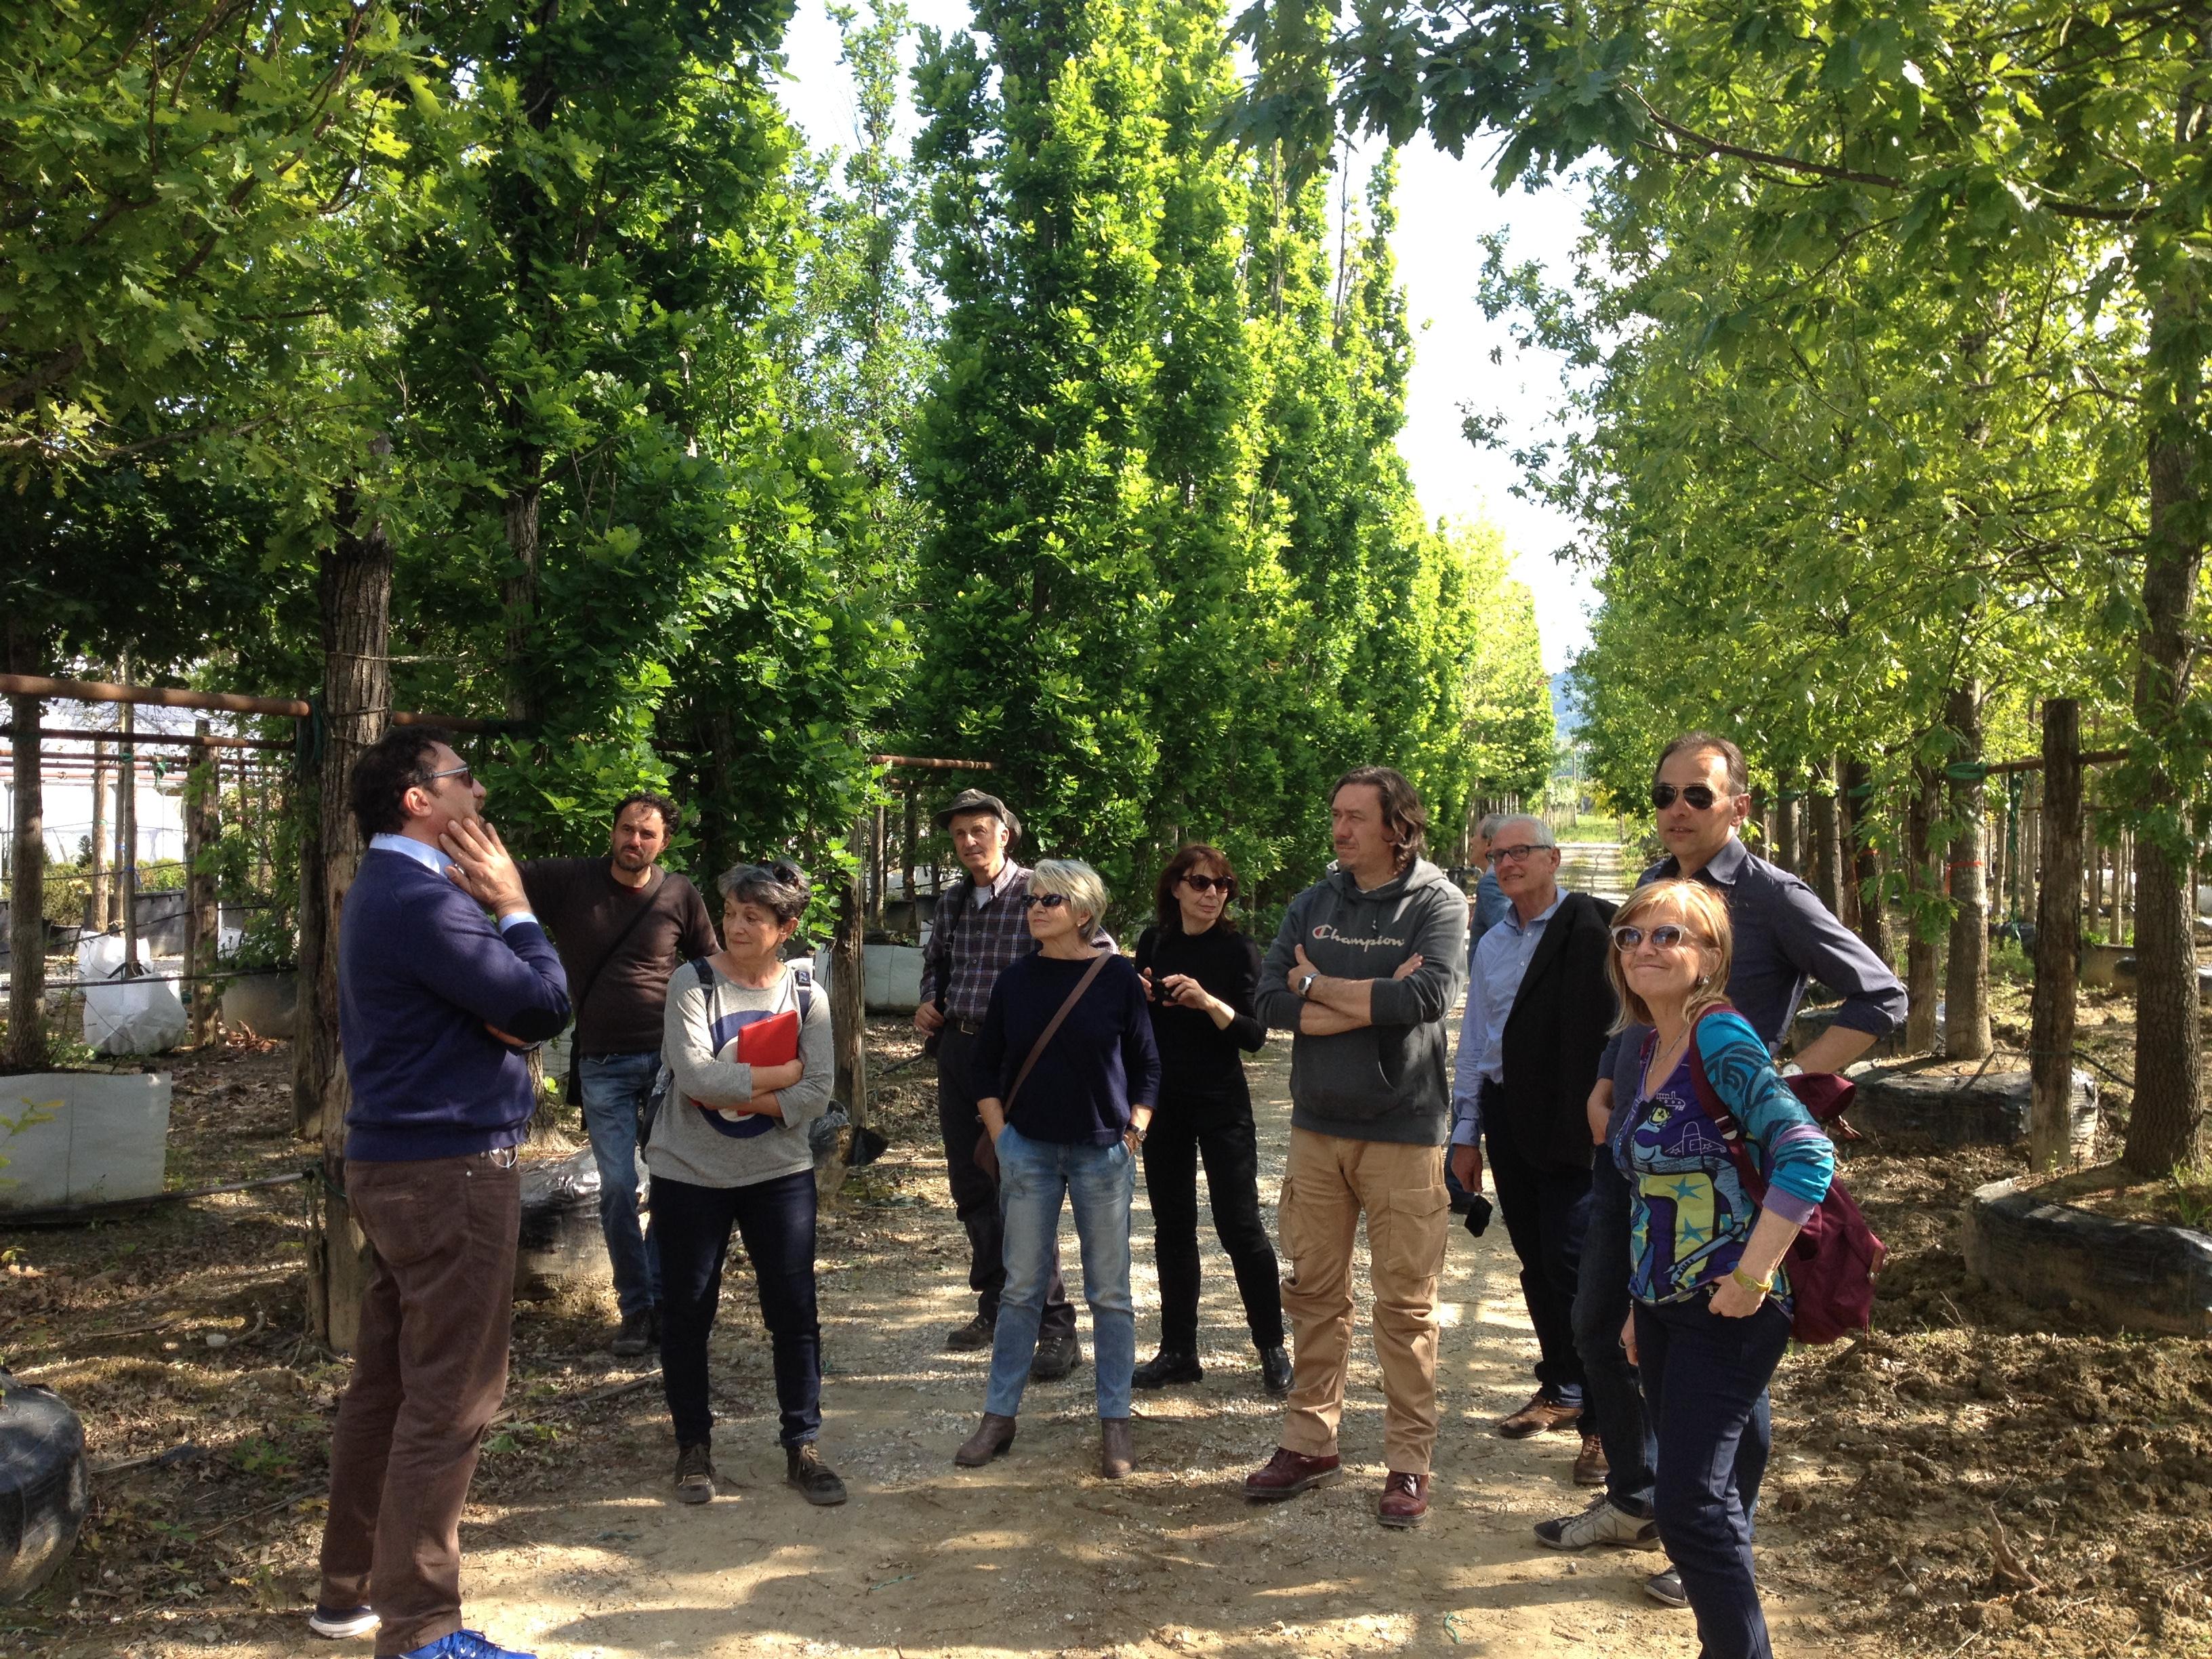 Visita ai vivai di pistoia pubblici giardini for Vivai a pistoia